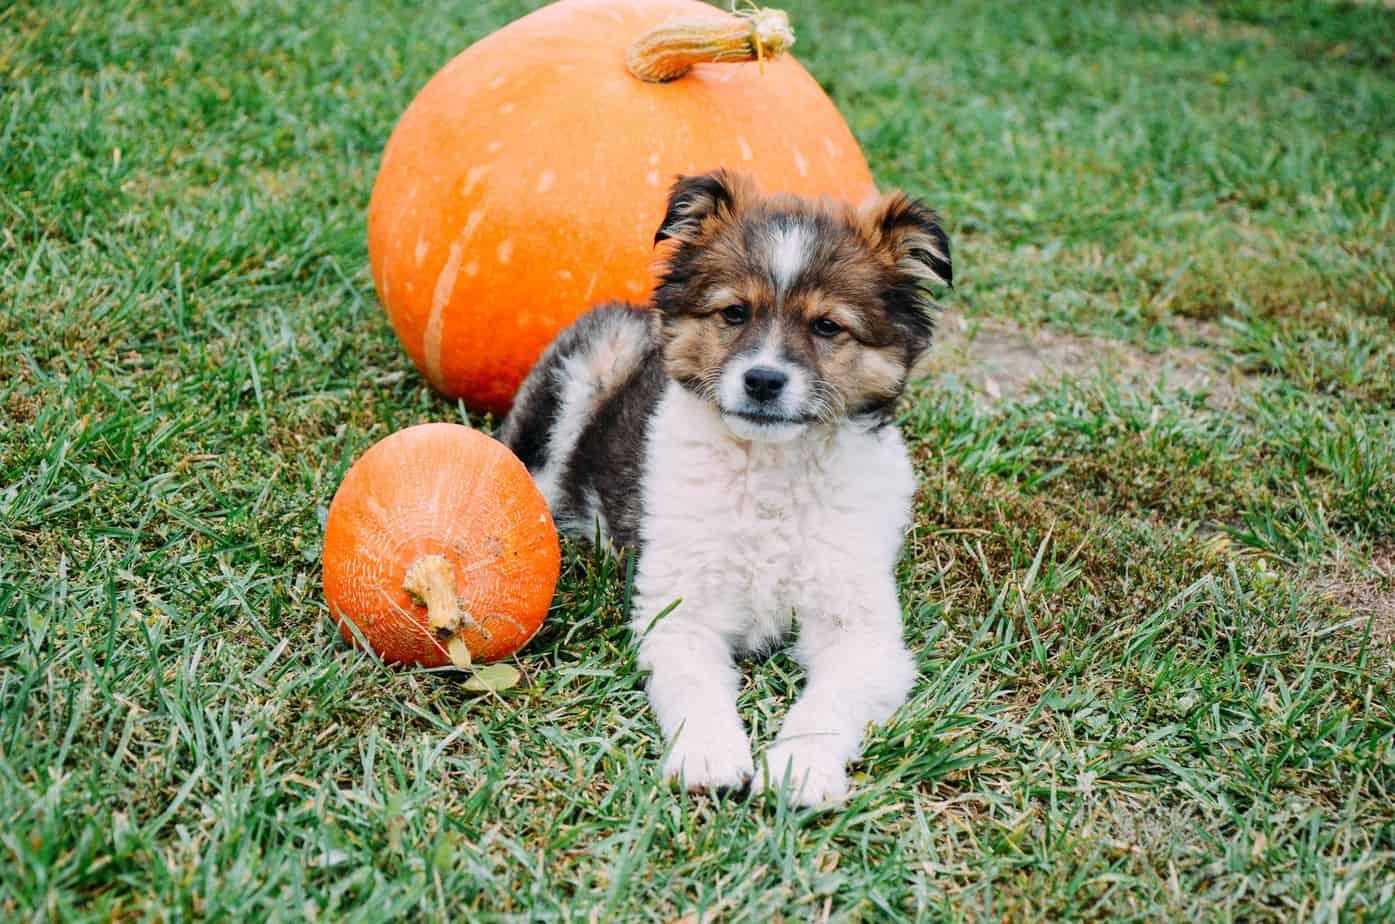 fluffy-puppy-with-pumpkin-on-a-grass